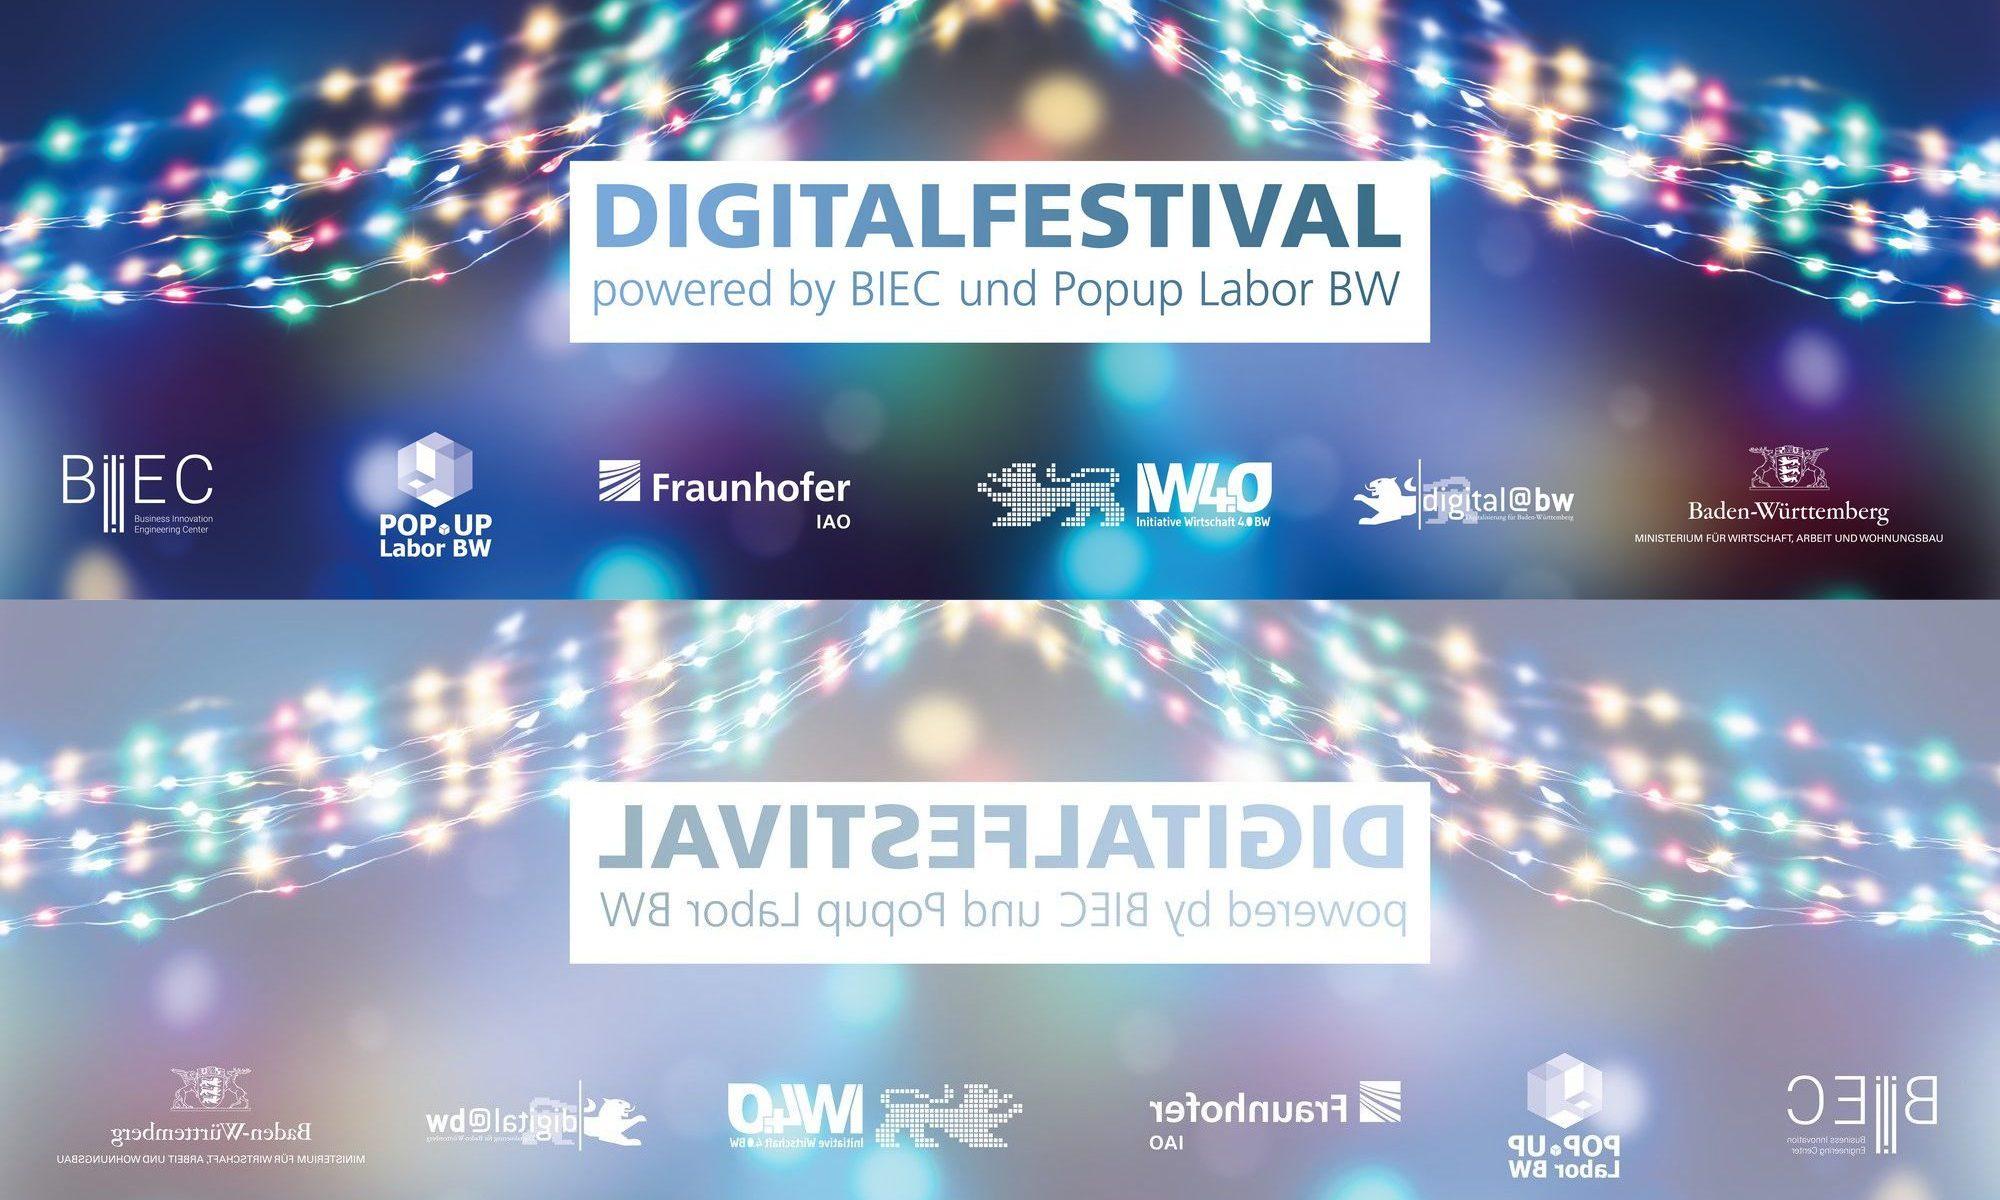 """Bild von Keyvisual """"Digitalfestival – powered by BIEC und Popup Labor BW"""" mit Spiegelung (Bildquelle: winyu - stock.adobe.com und Fraunhofer IAO)"""